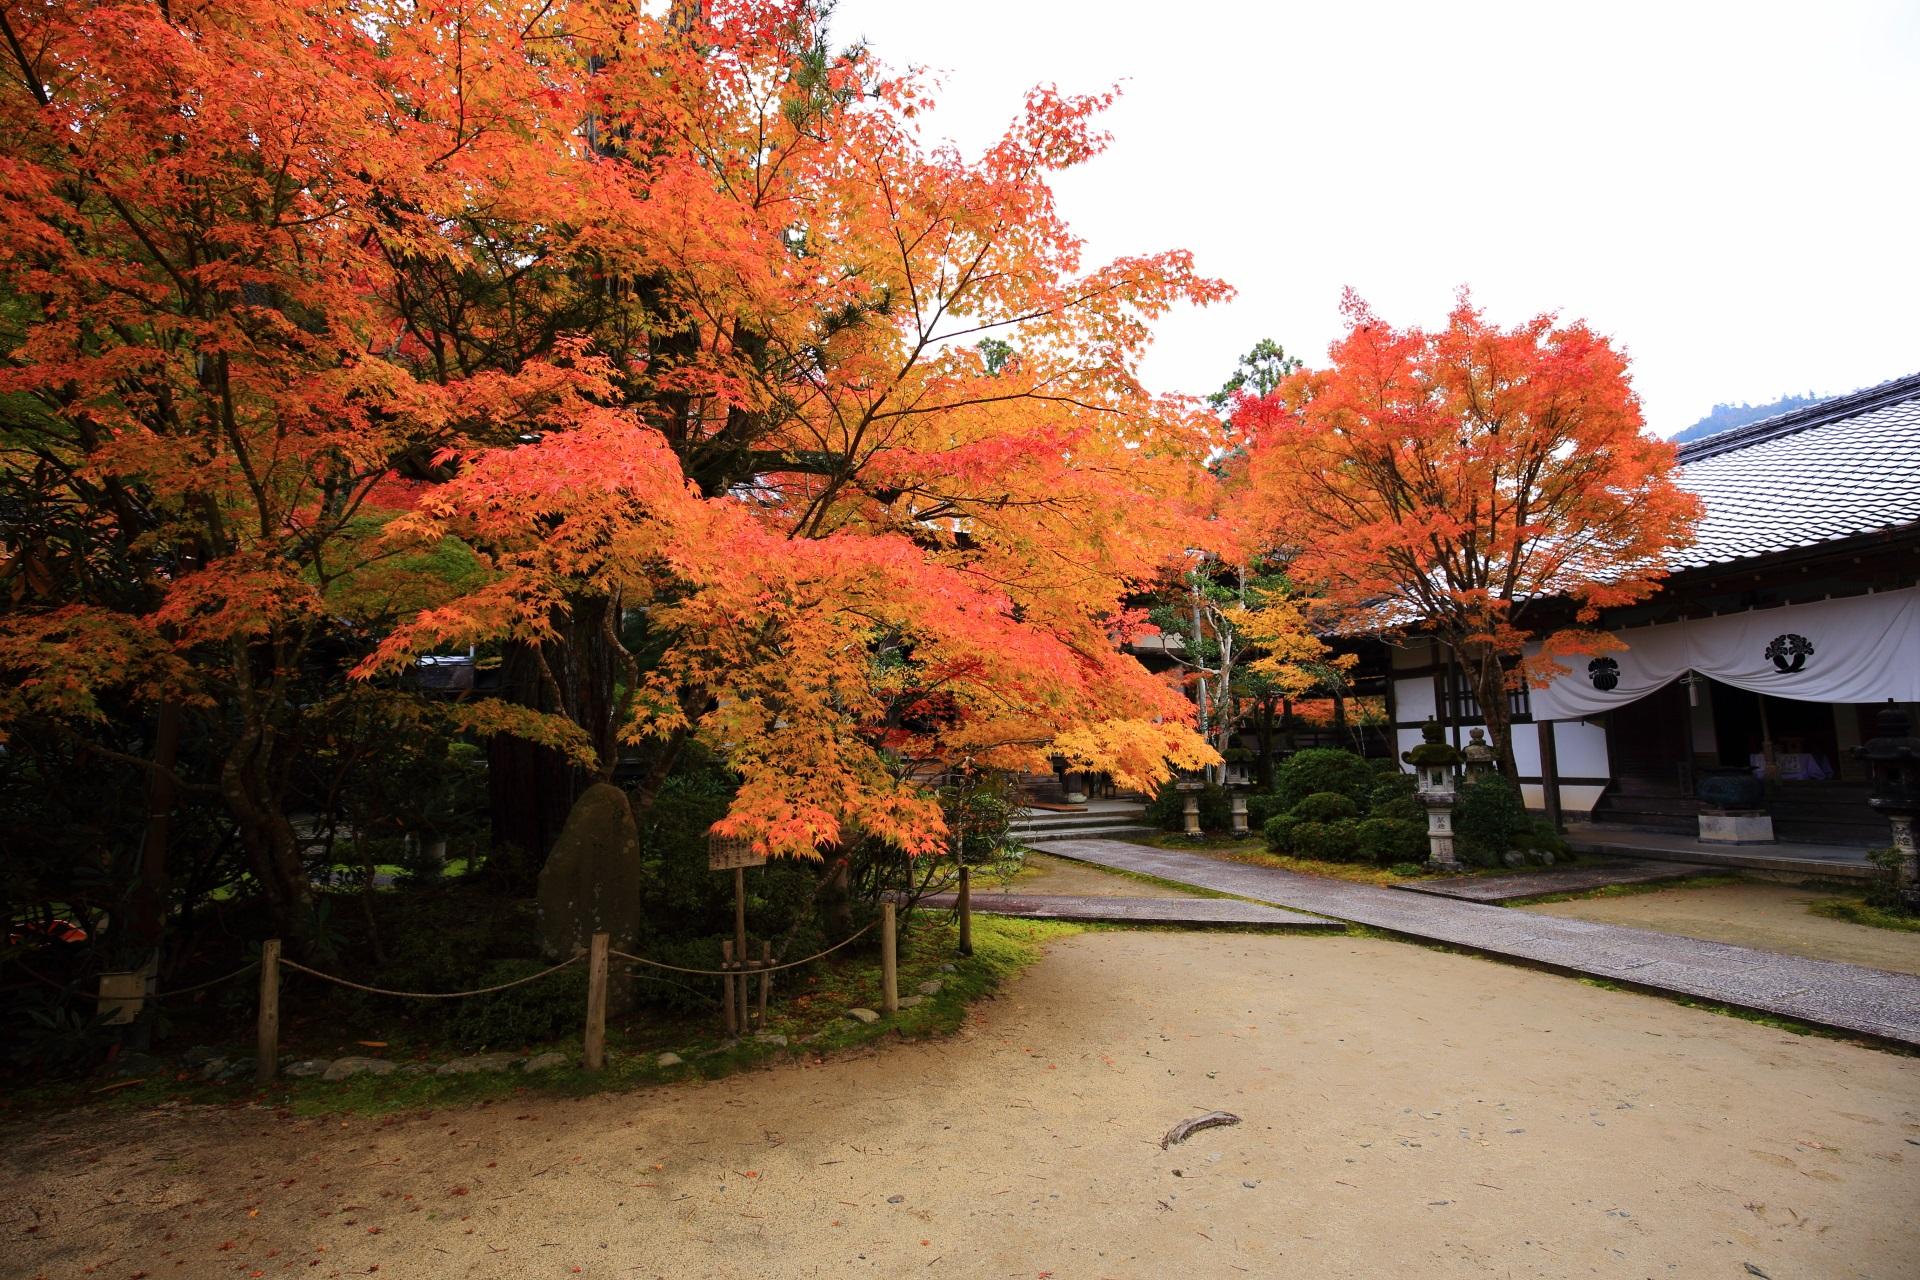 溢れんばかりの鮮やかなオレンジの紅葉